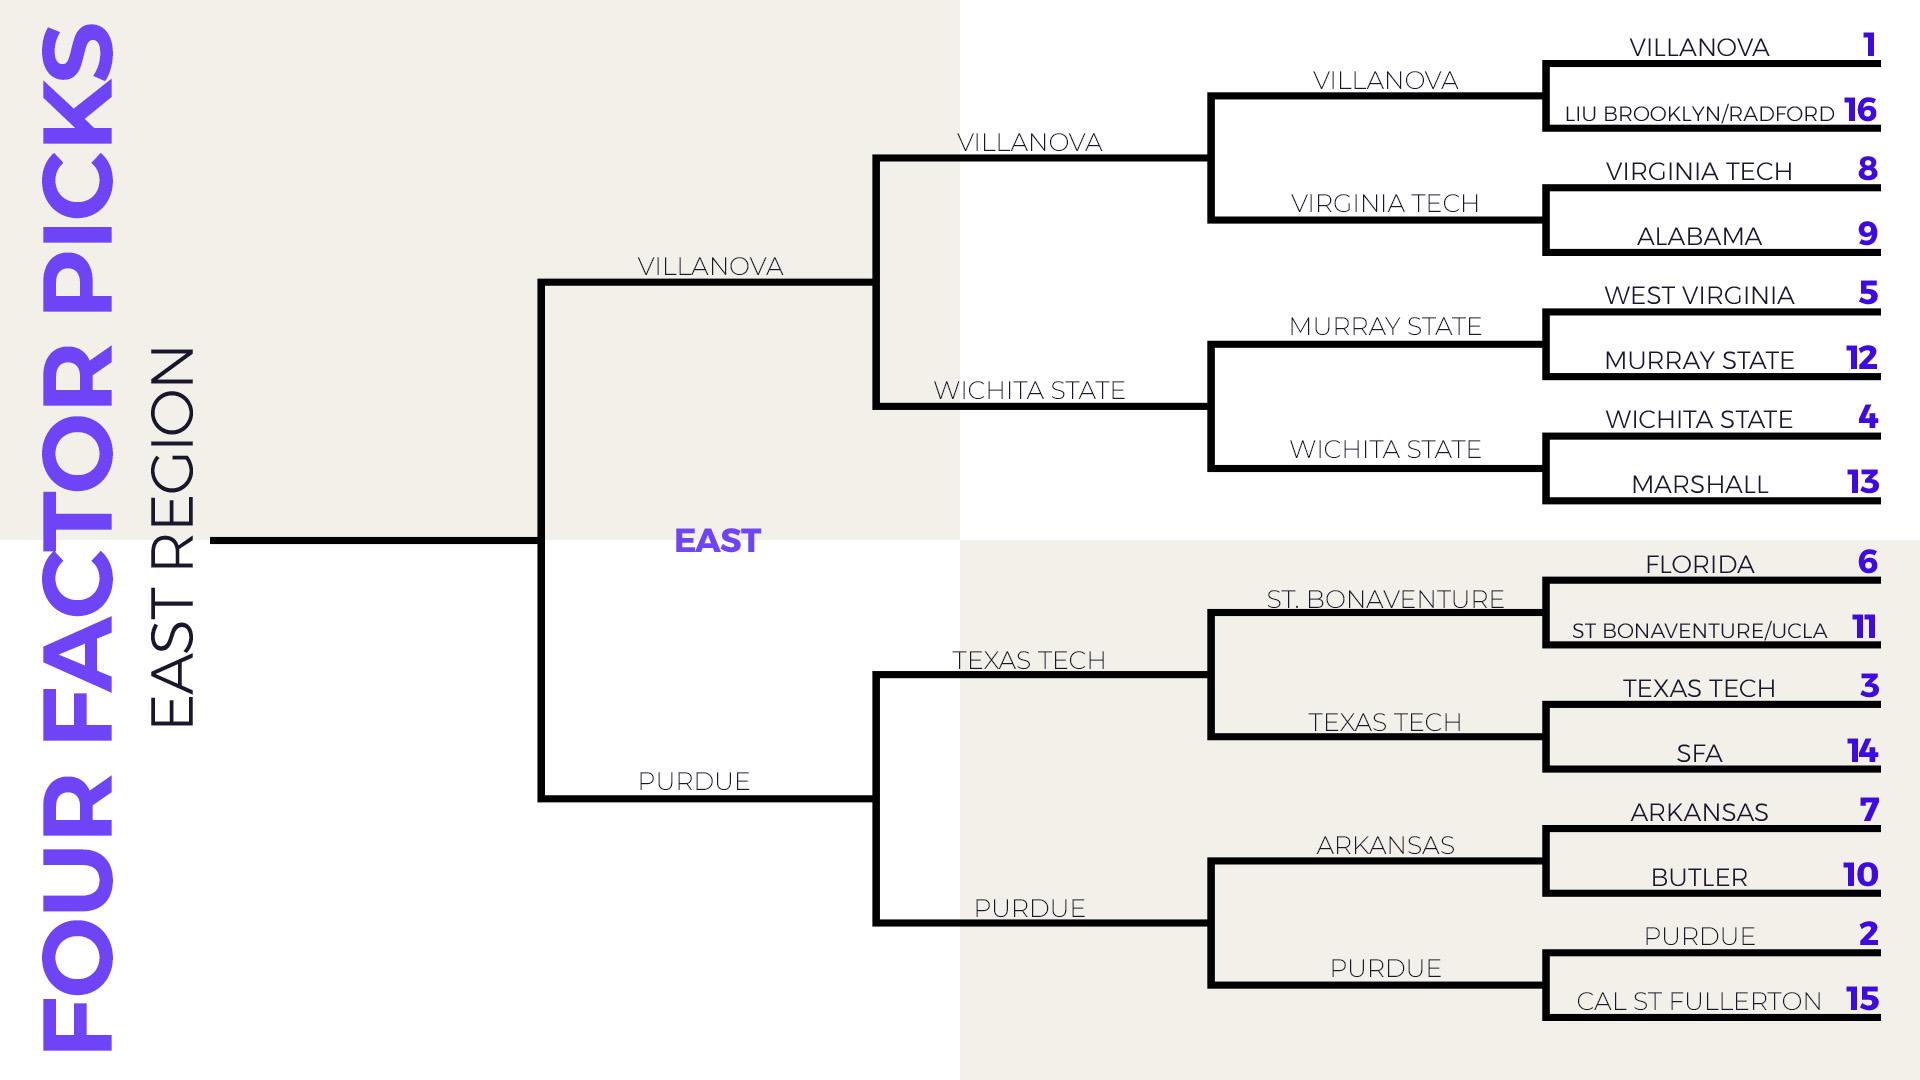 4FS East